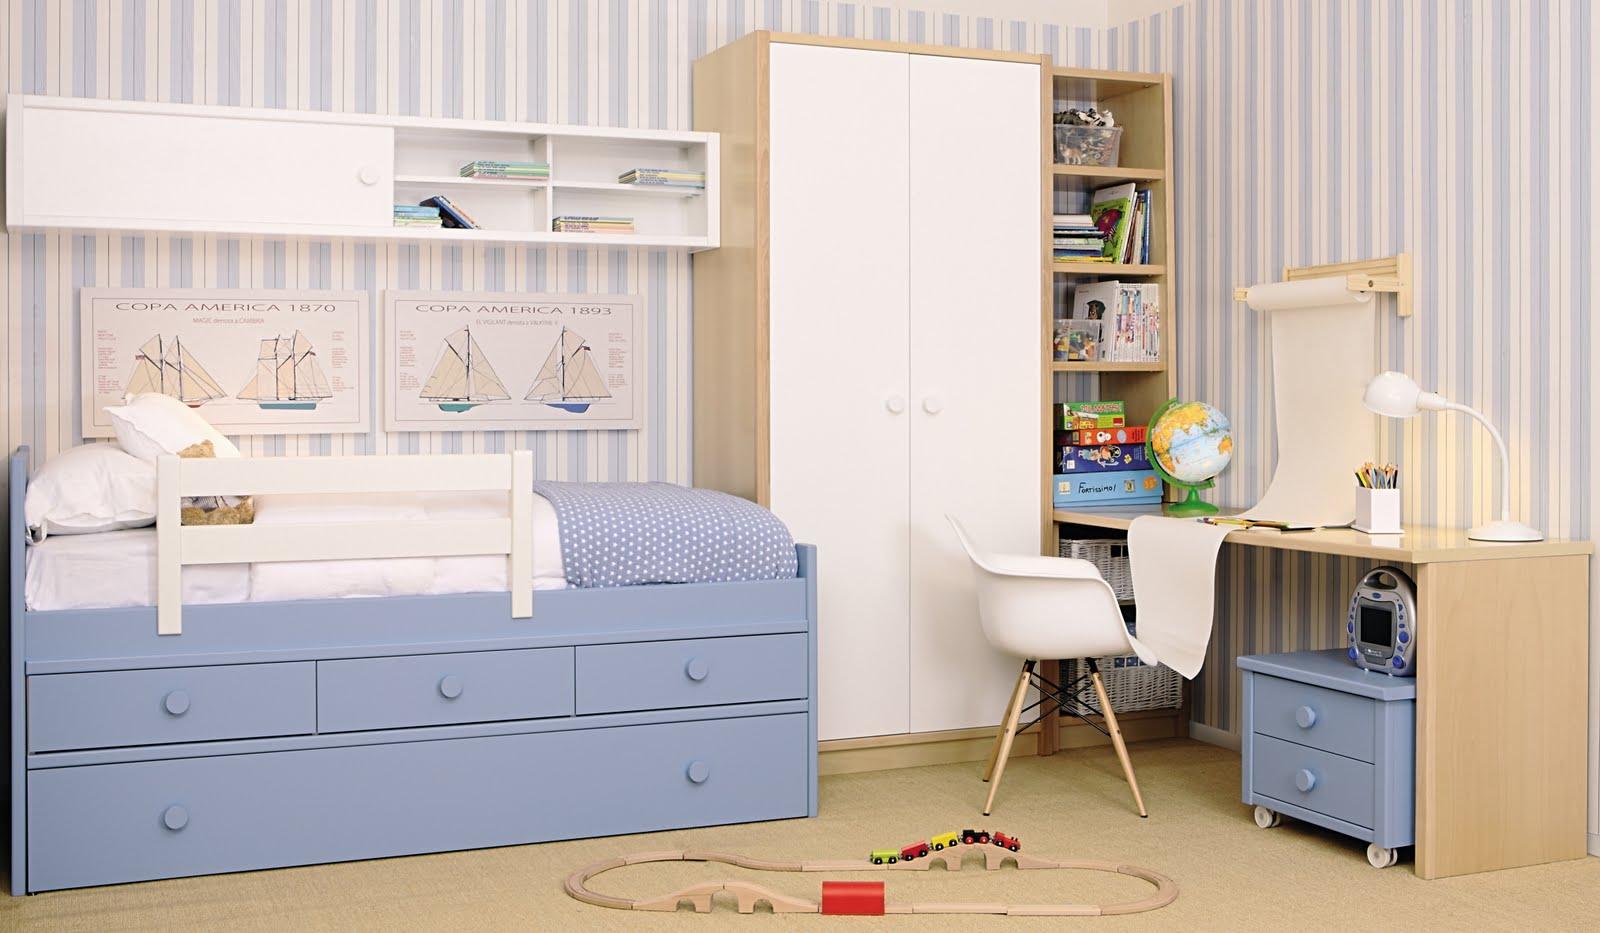 Dormitorios mediterraneo asoral - Medidas camas infantiles ...